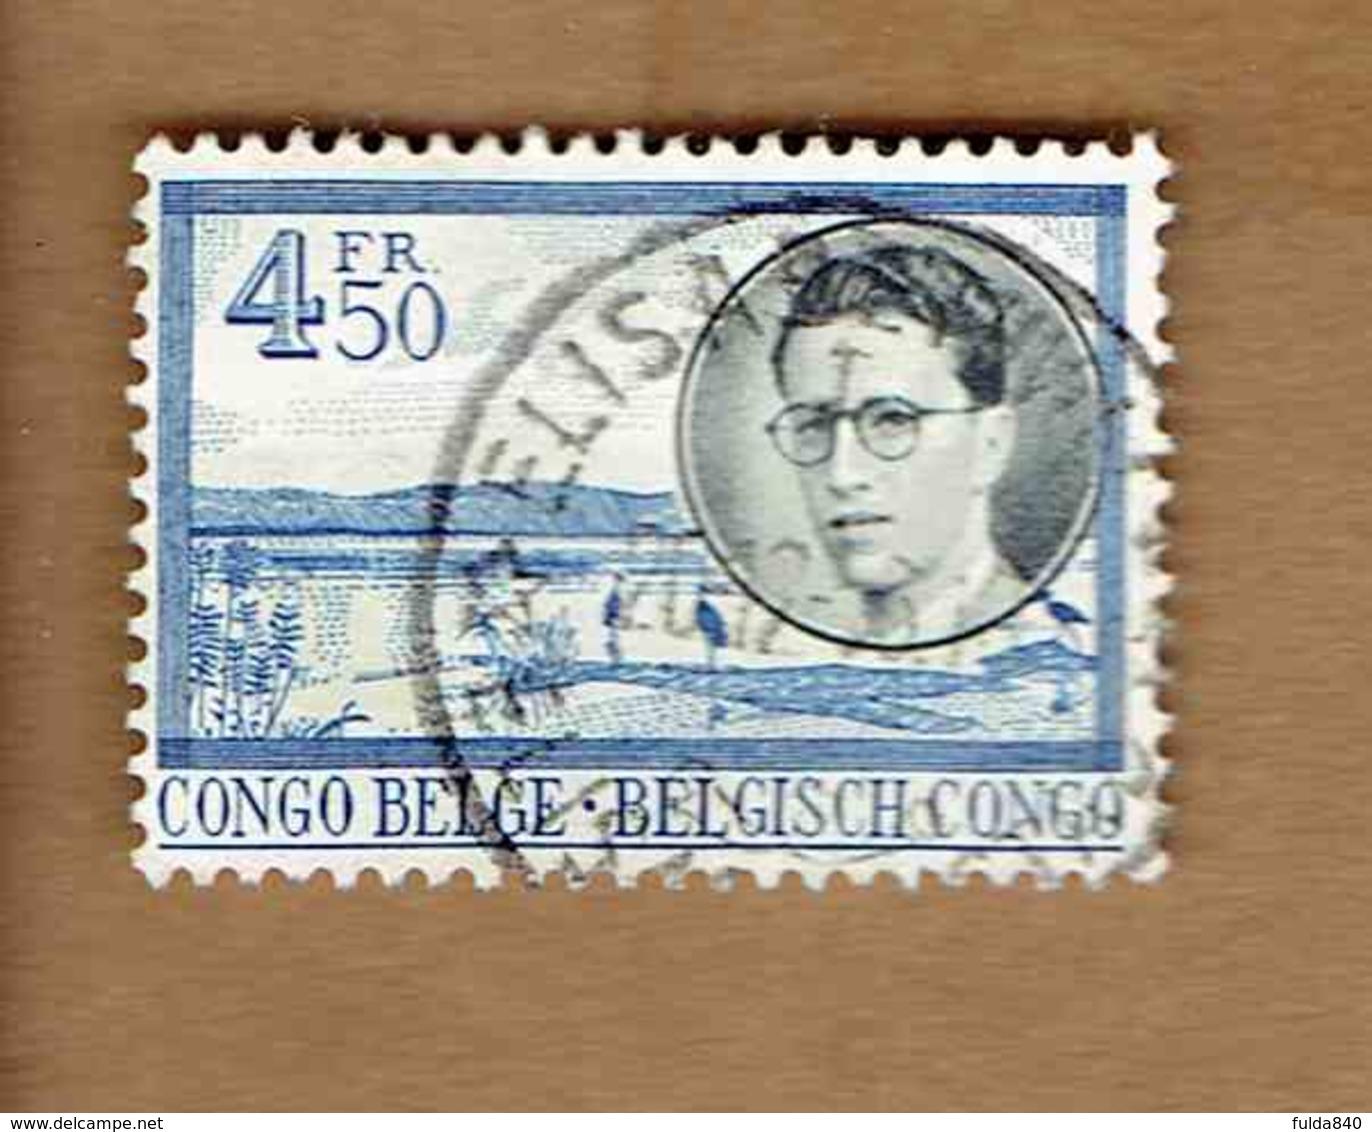 Congo Belge.(COB-OBP)  1955 - N°335    *VOYAGE ROYAL AU CONGO*   4,50F   Oblitéré ELISABETHVILLE - 1947-60: Oblitérés